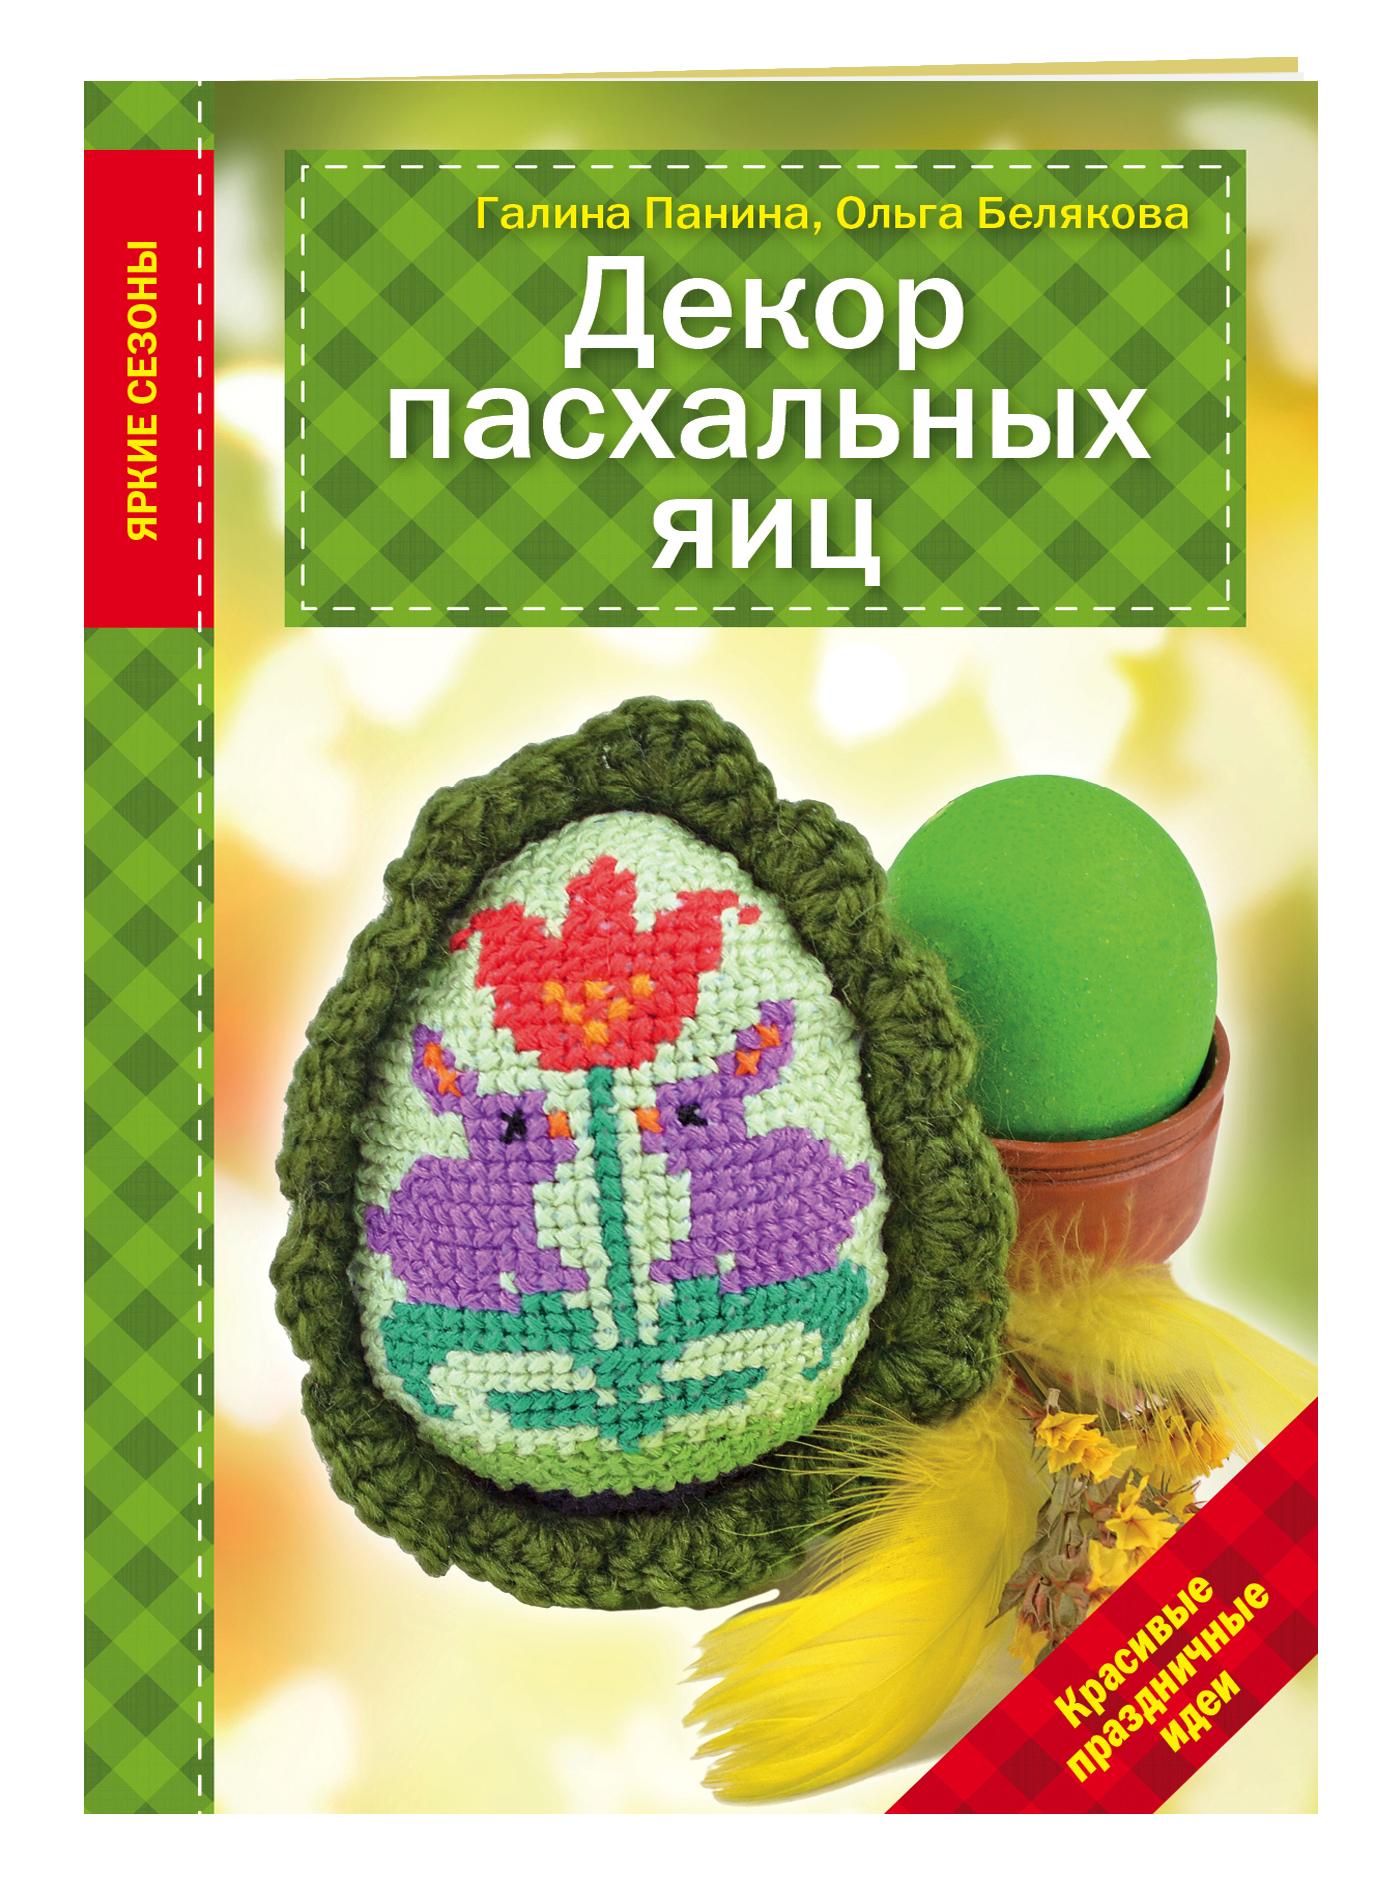 Панина Г.П., Белякова О.В. Декор Пасхальных яиц. Красивые праздничные идеи